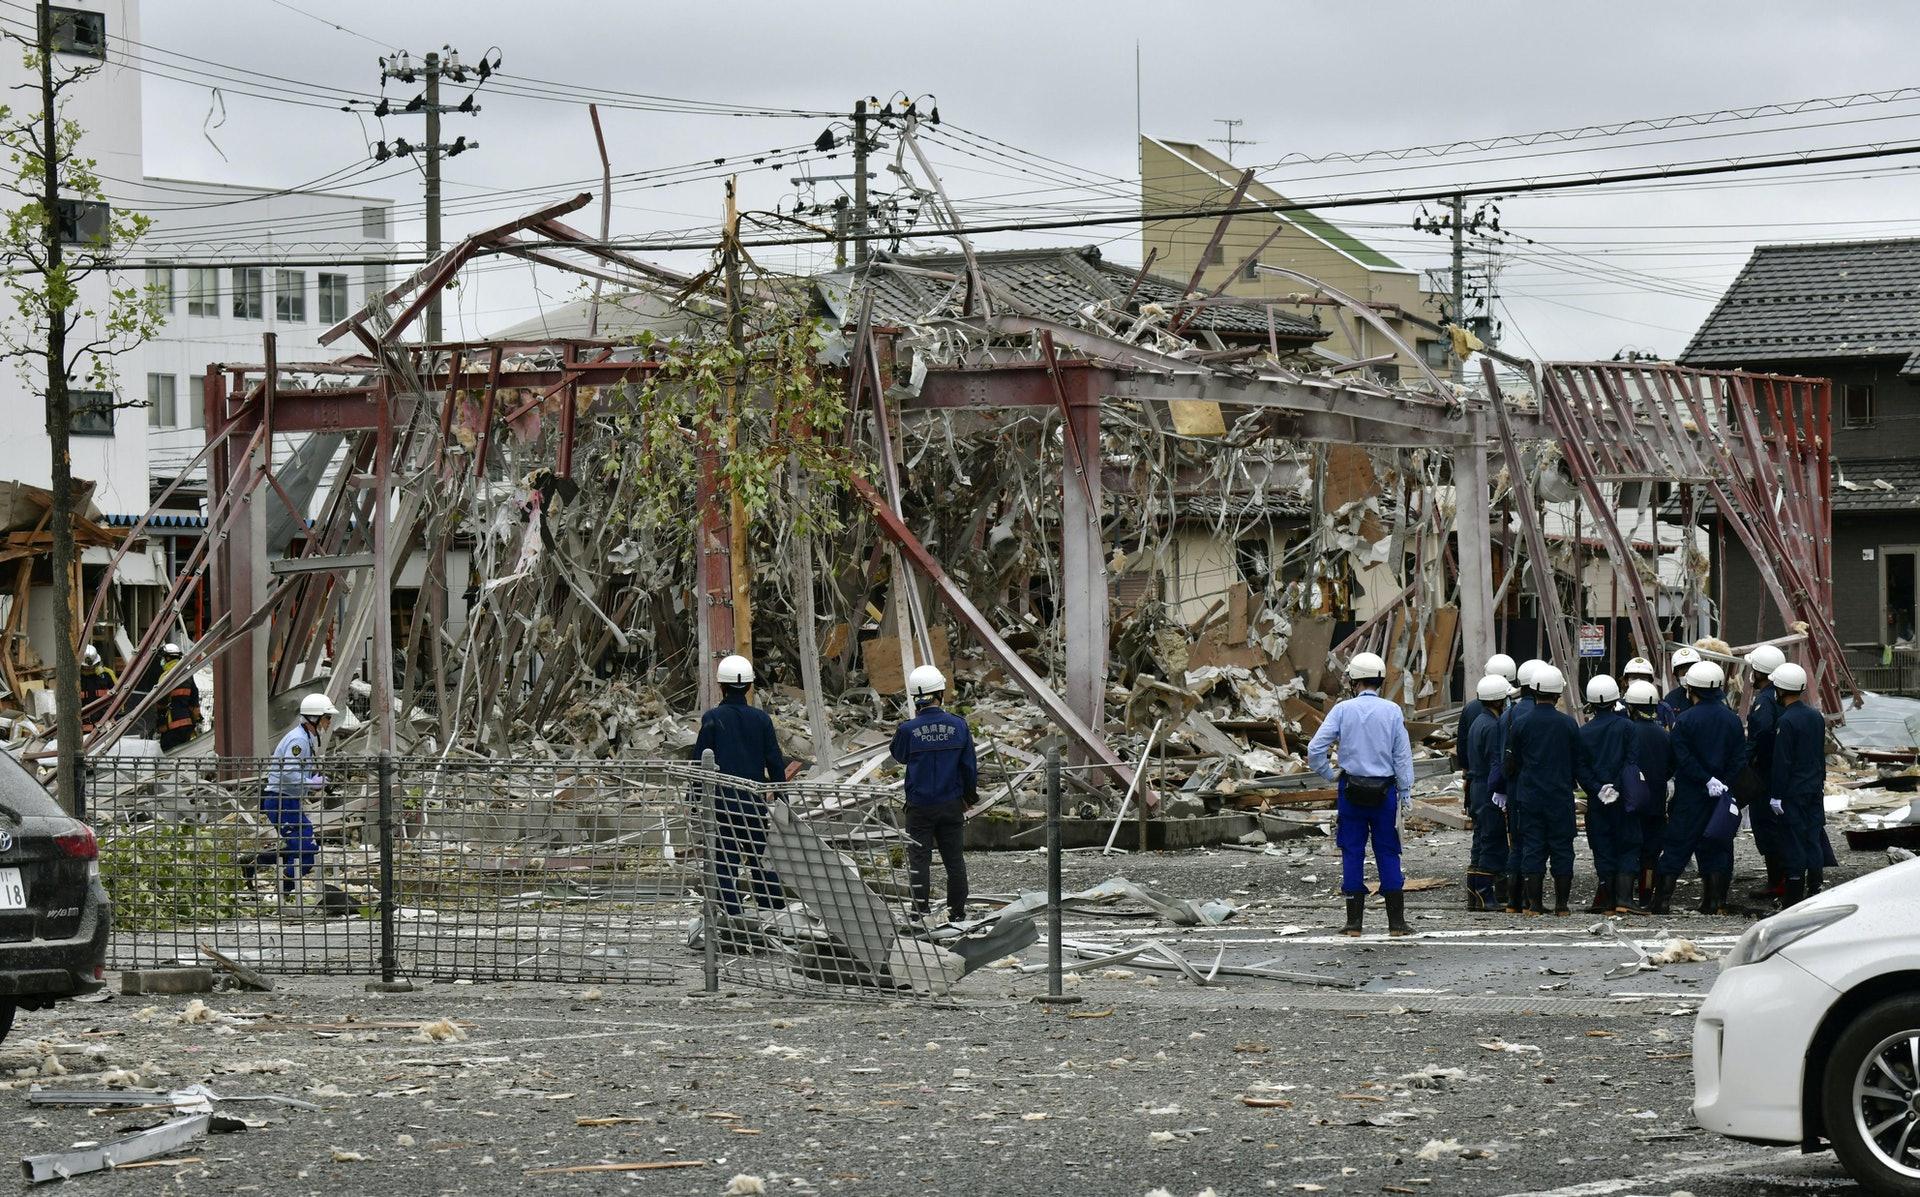 福岛突发剧烈爆炸 现场只剩碎片 亲历者 : 以为雷劈